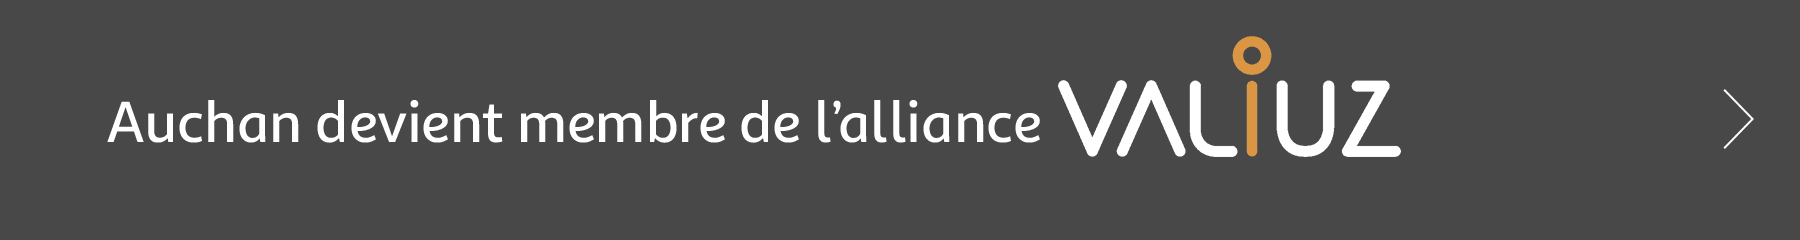 Auchan devient membre de l'alliance VALIUZ